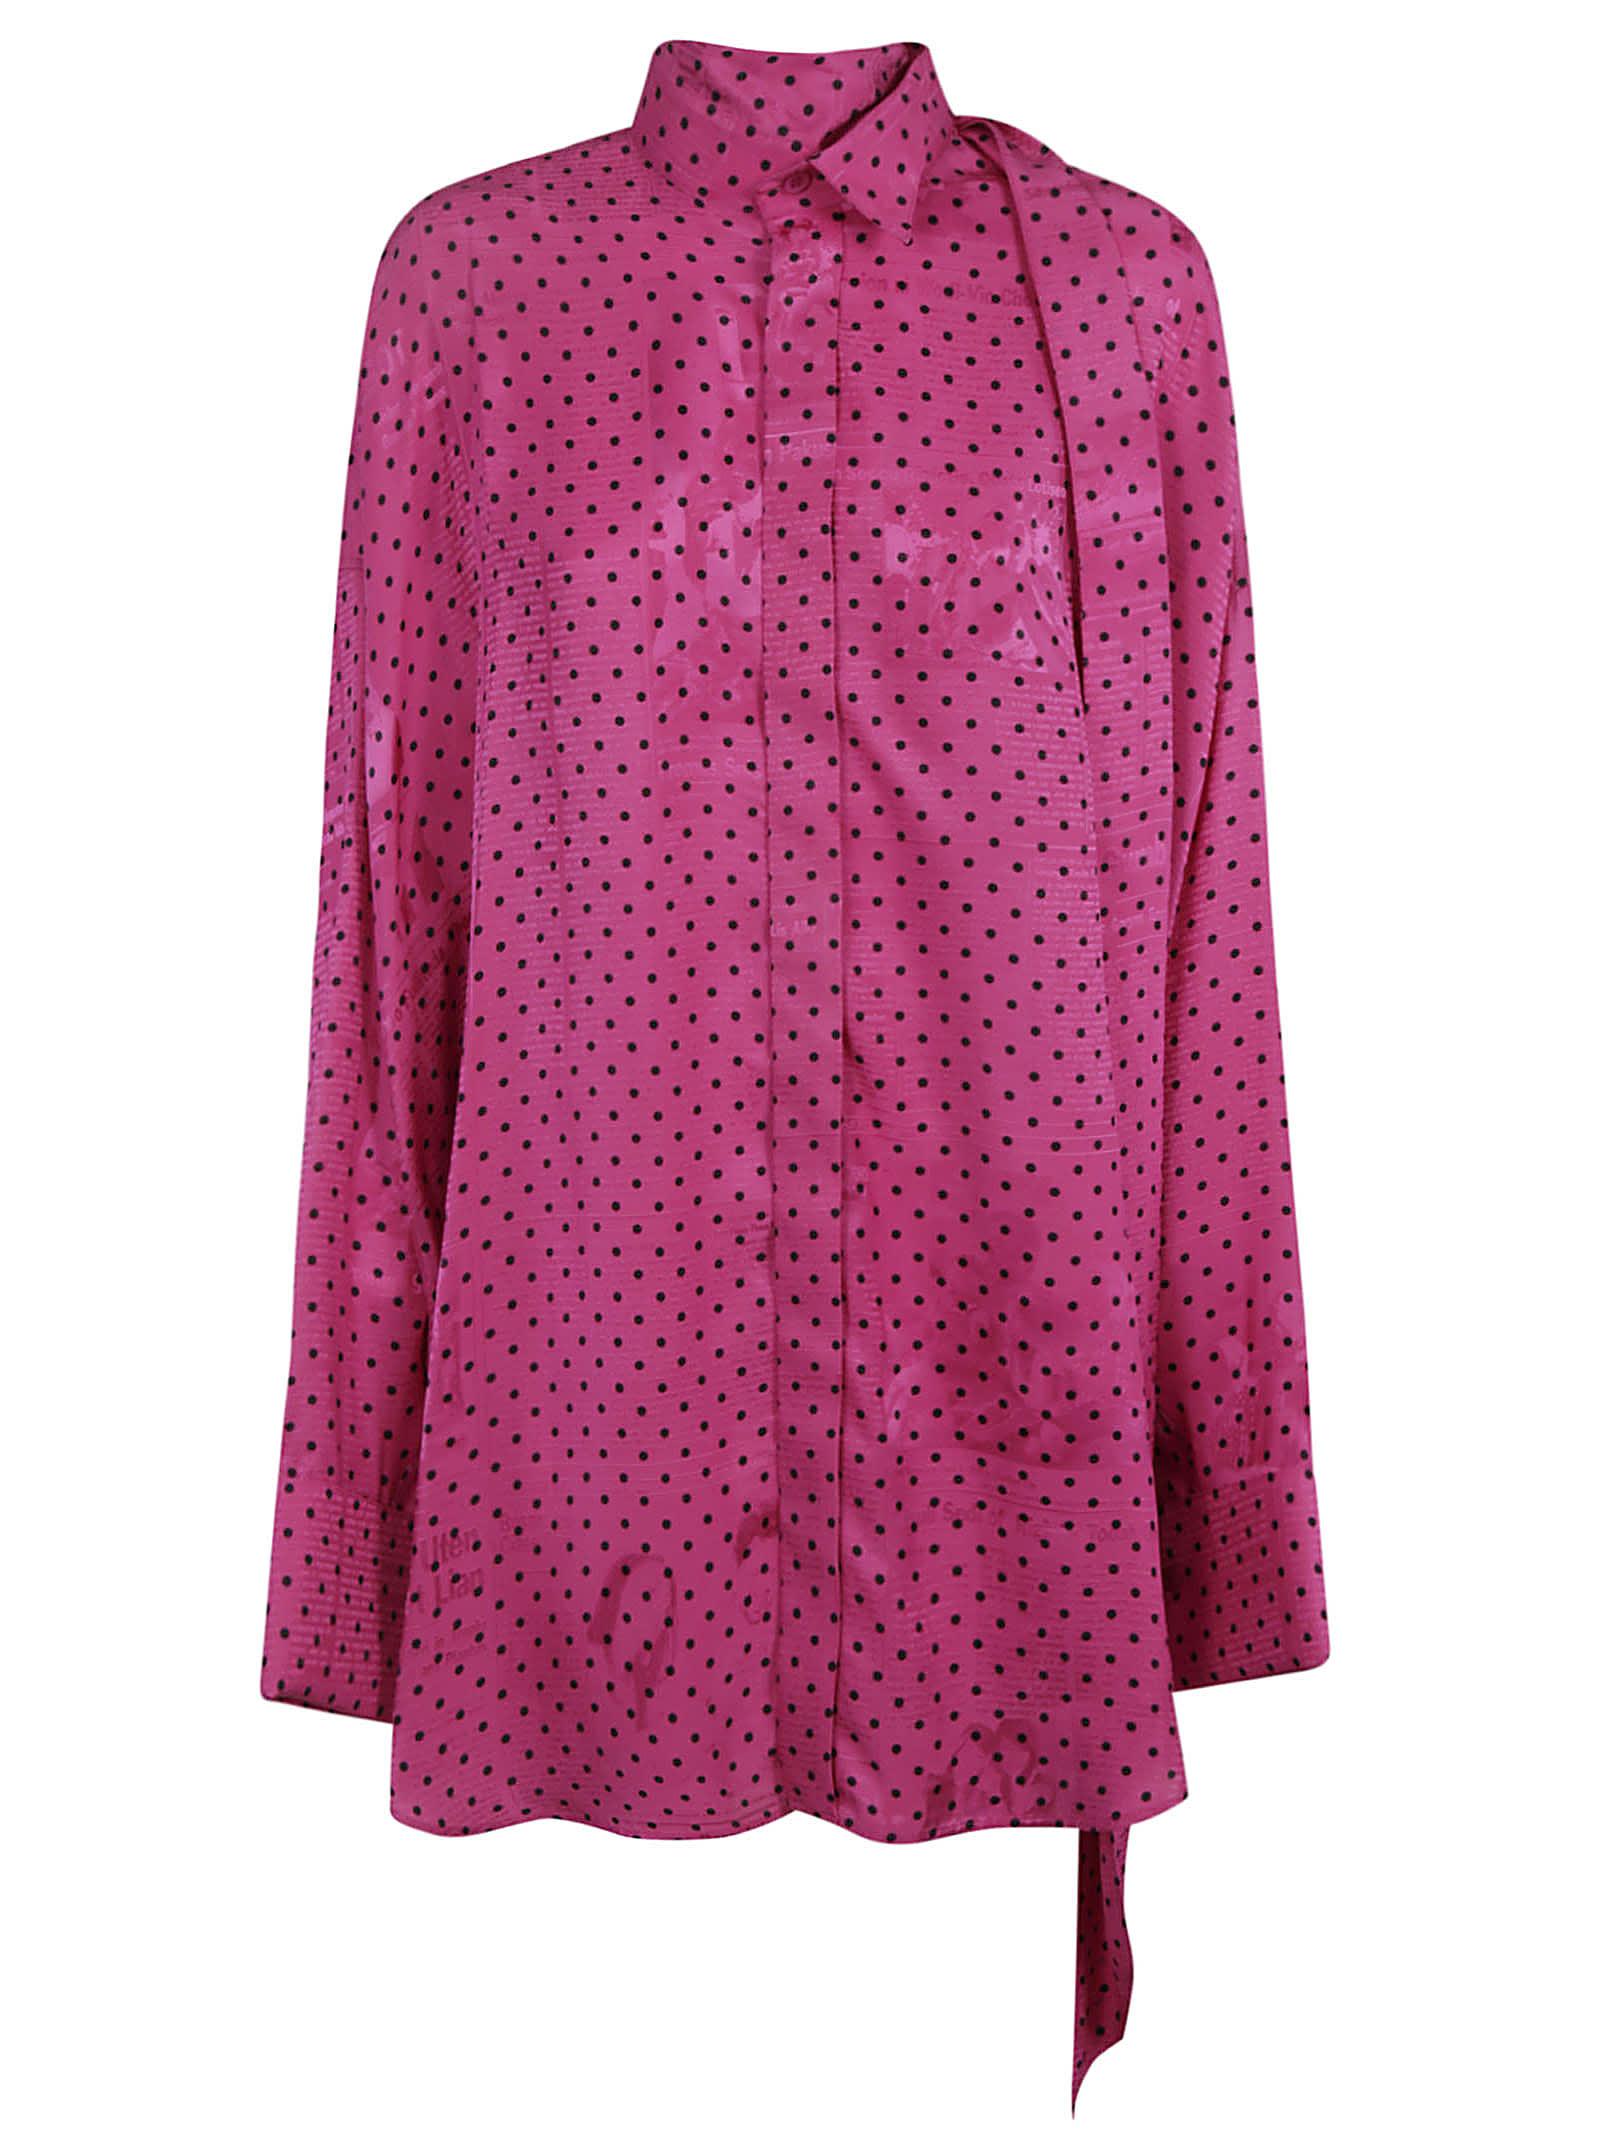 Balenciaga Dotted Print Long Shirt